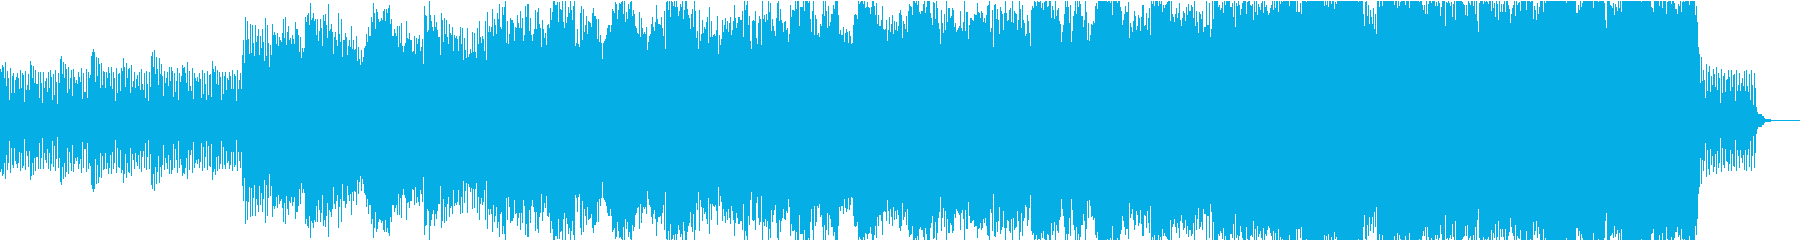 式典をイメージしたオープニング曲の再生済みの波形